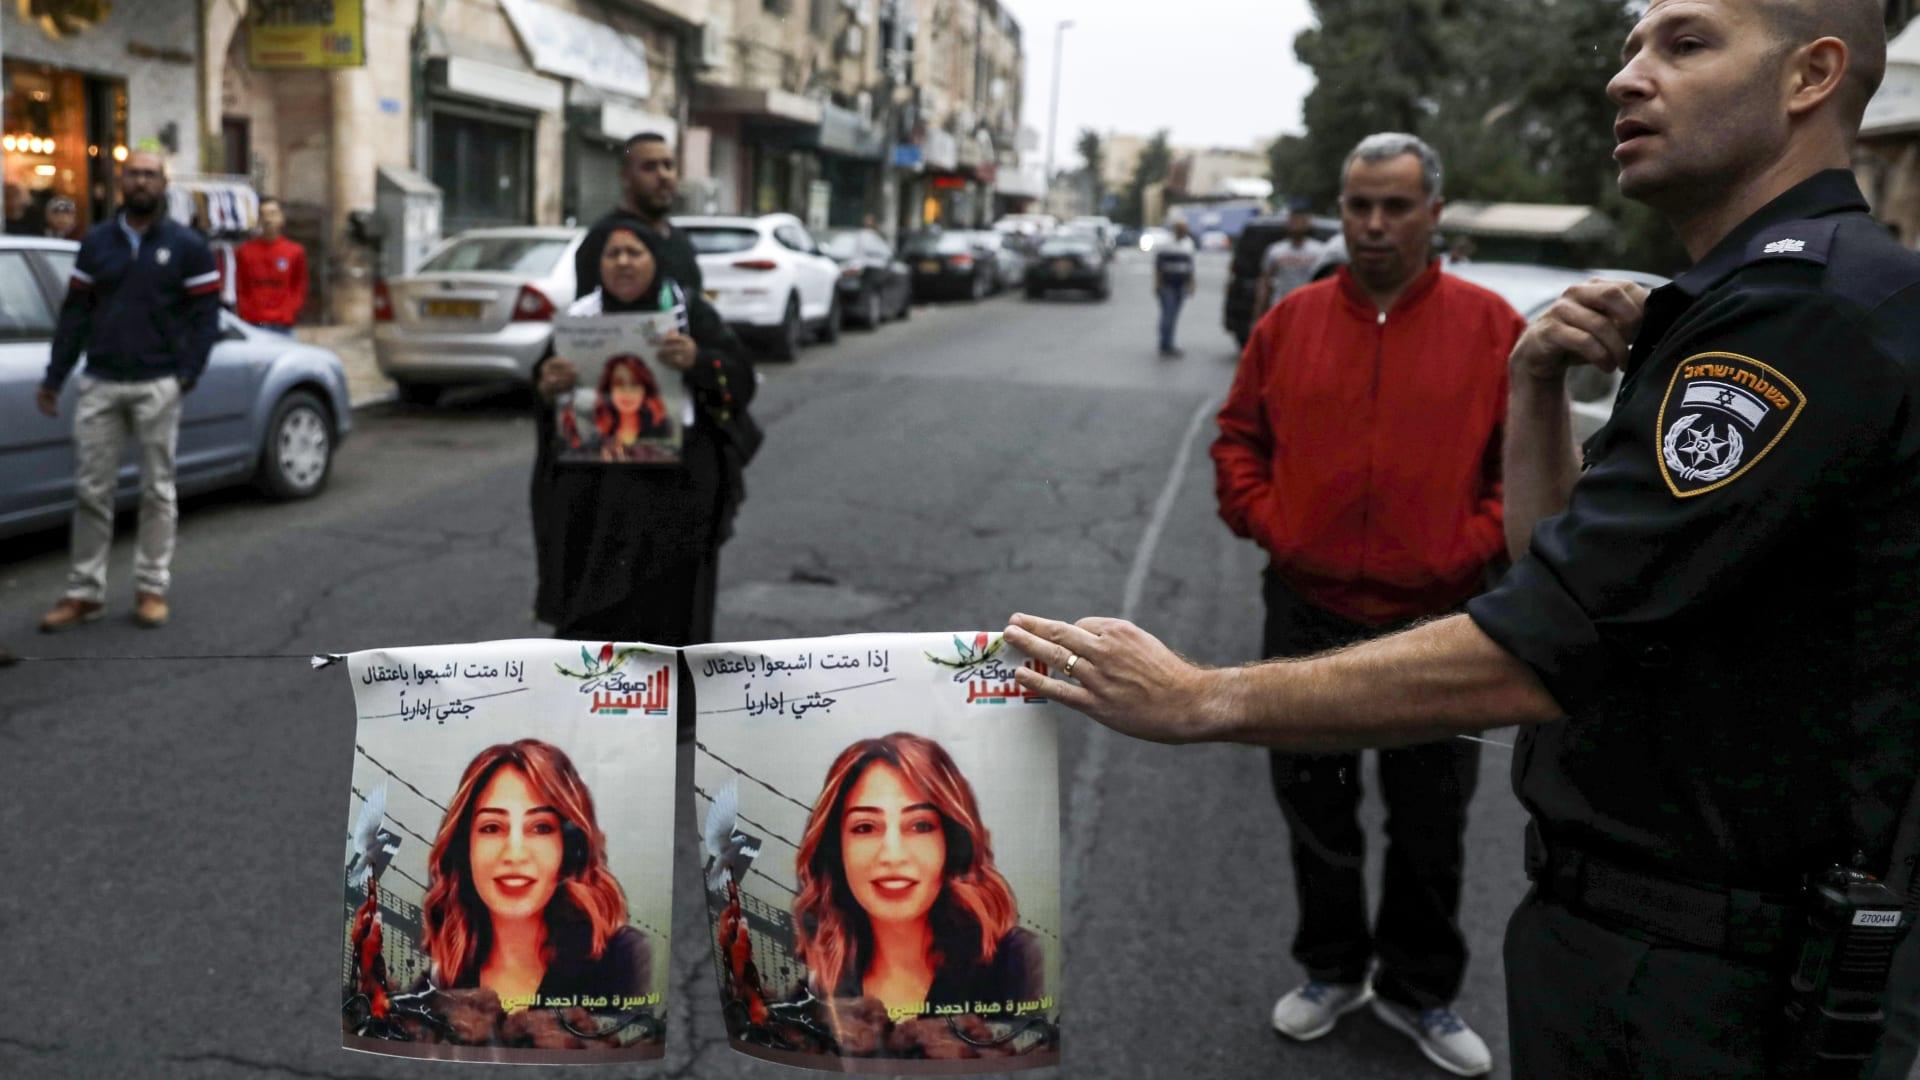 الأردن تستدعي سفيرها في إسرائيل احتجاجا على اعتقال مواطنين